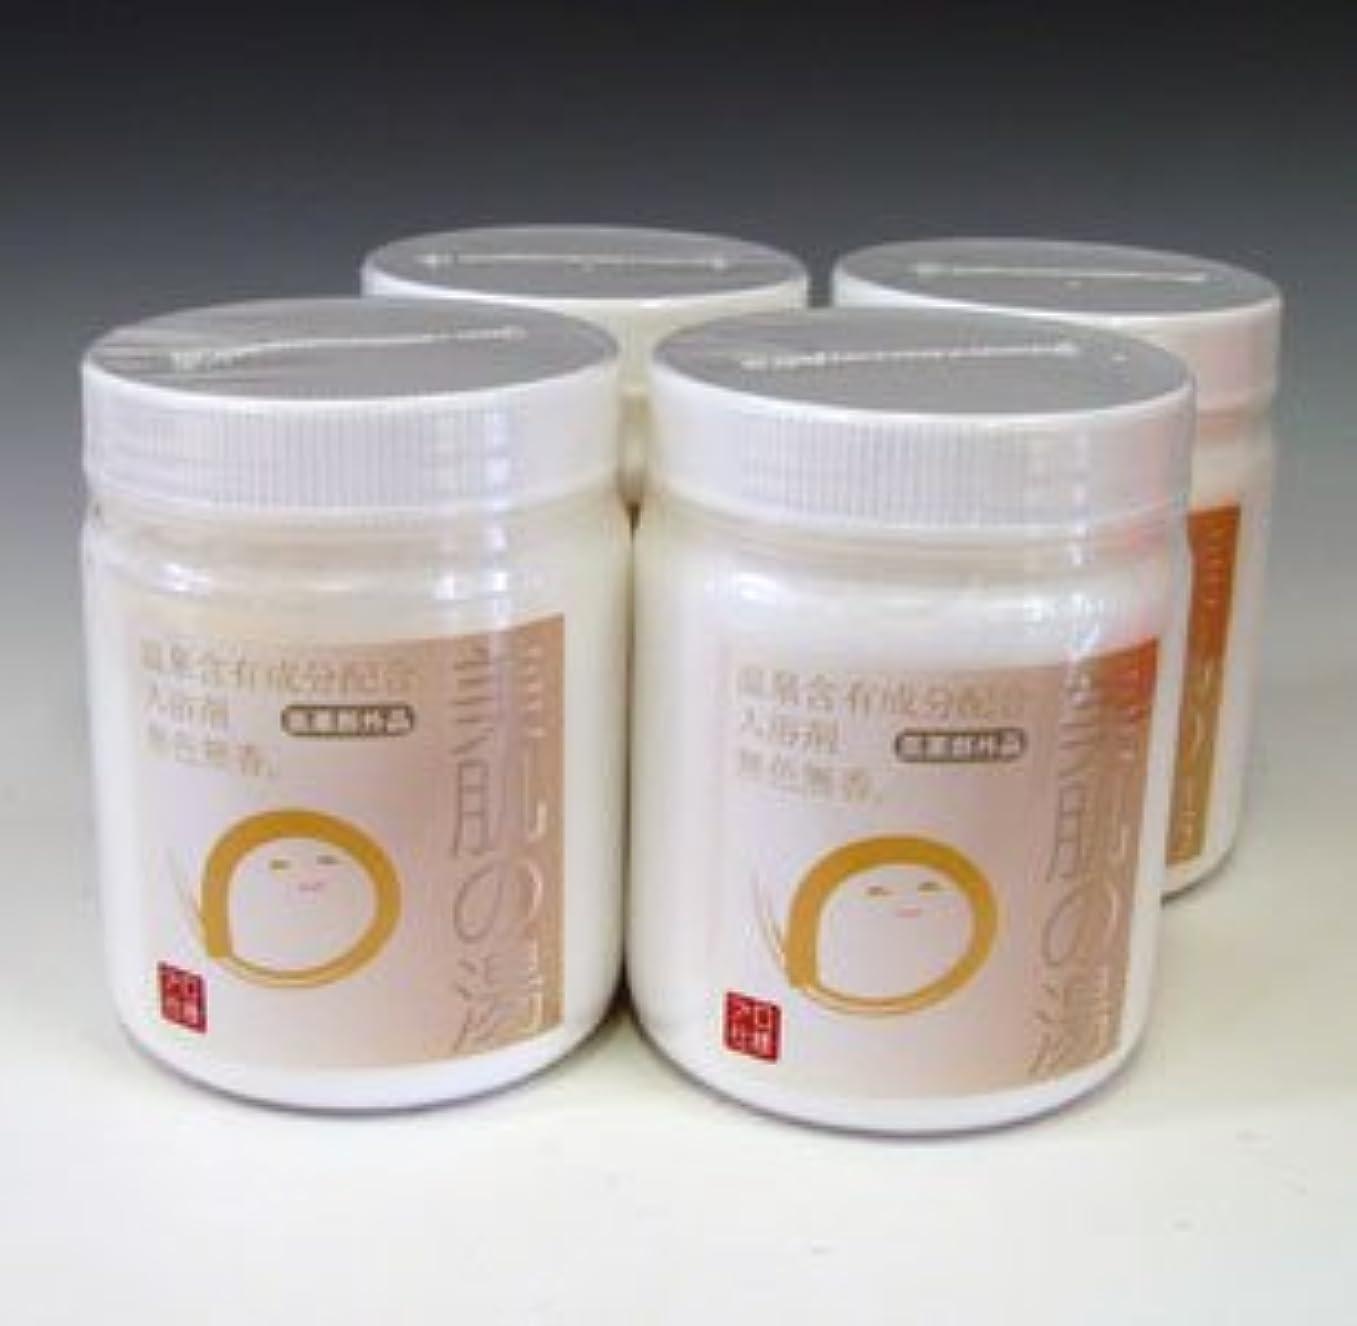 息を切らして画面影響力のある温泉入浴剤 アルカリ単純泉PH9.5 美肌の湯600g 4本セット